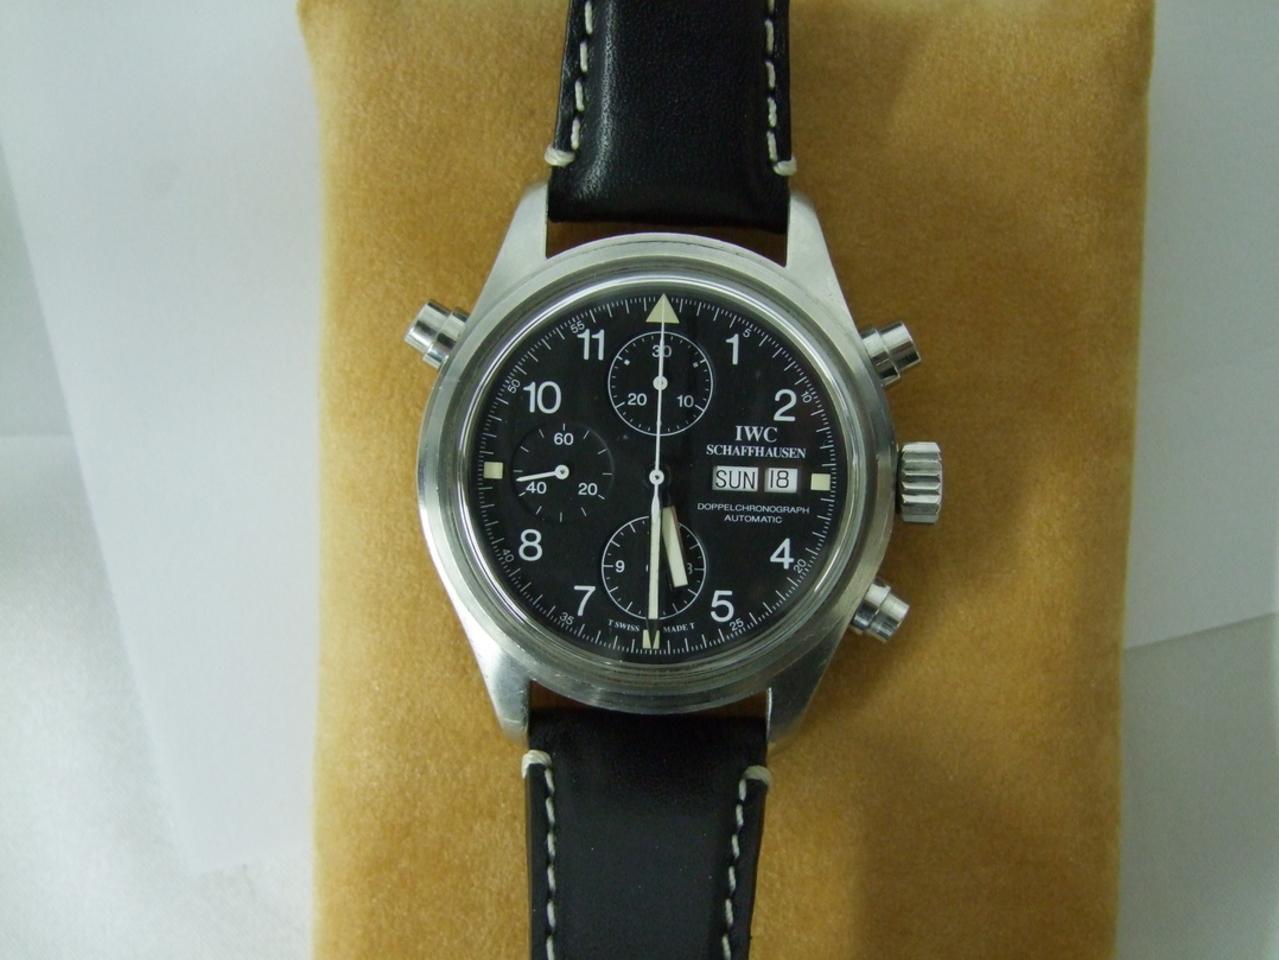 ブランド時計高価買取り   松戸   安心と信頼の「おたからや五香店」